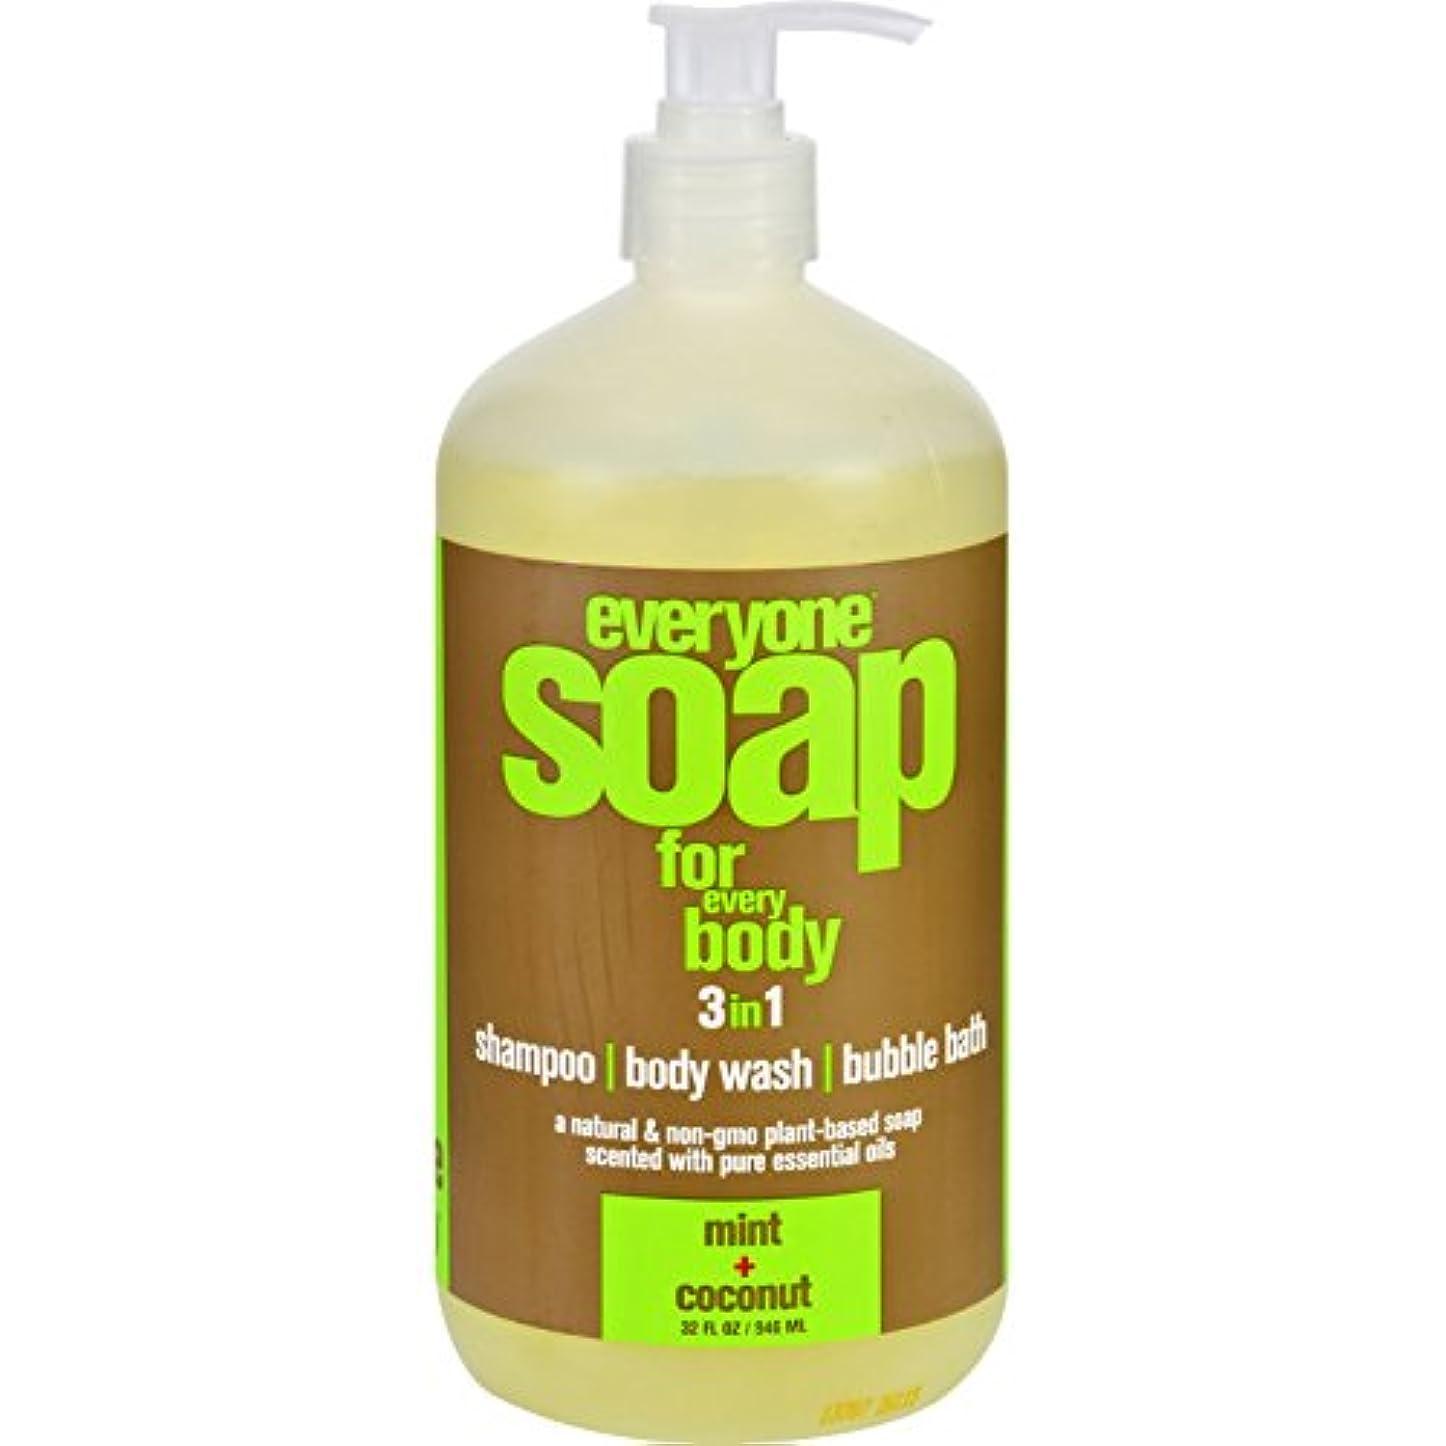 抵抗するしかし安心させるHand Soap - Natural - Everyone - Liquid - Mint and Coconut - 32 oz by EO Products